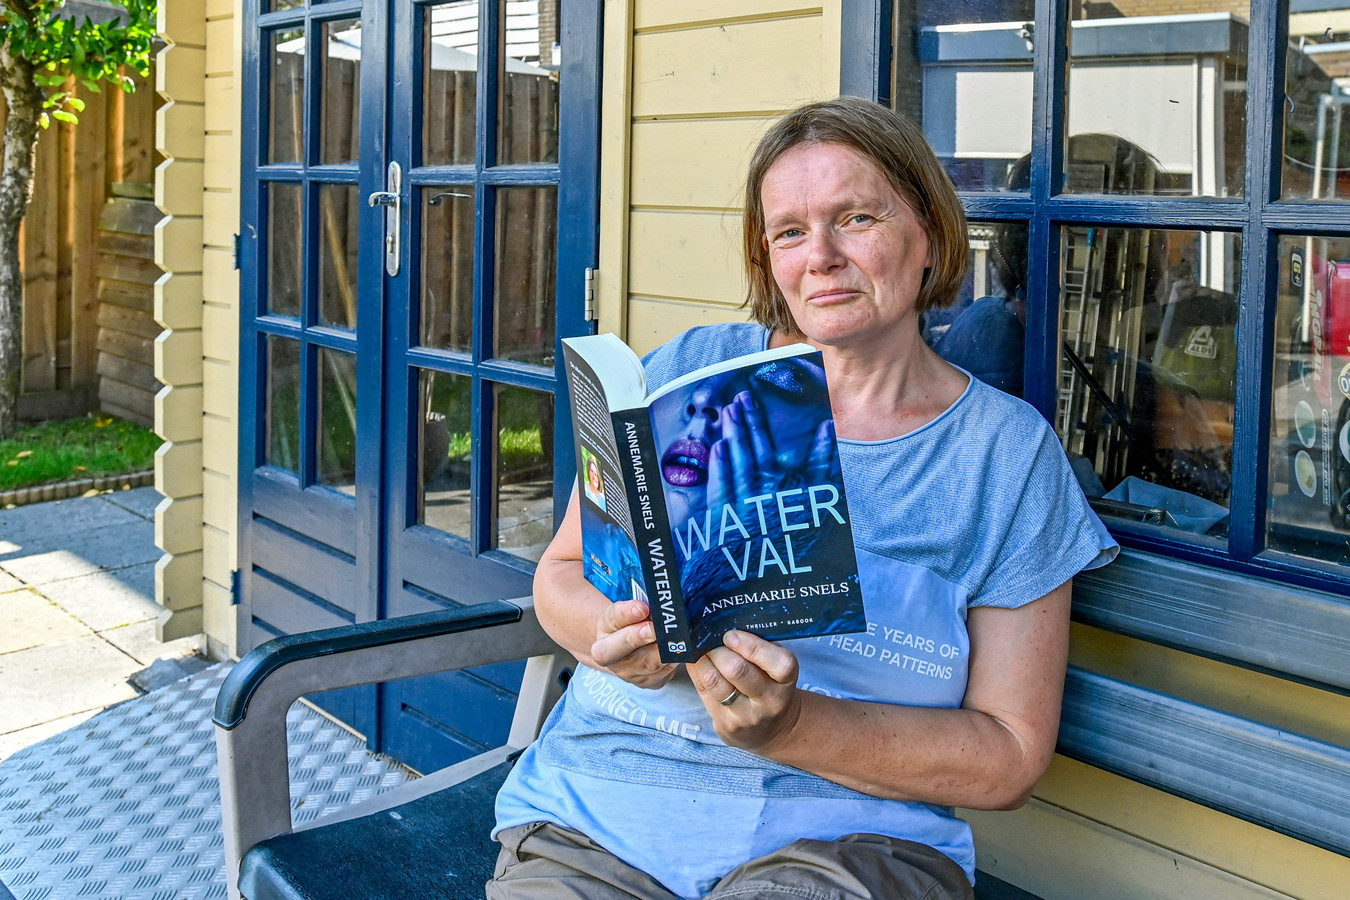 Schrijfster Annemarie Snels is genomineerd voor een boekenprijs van Omroep Max met haar debuutthriller Waterval.